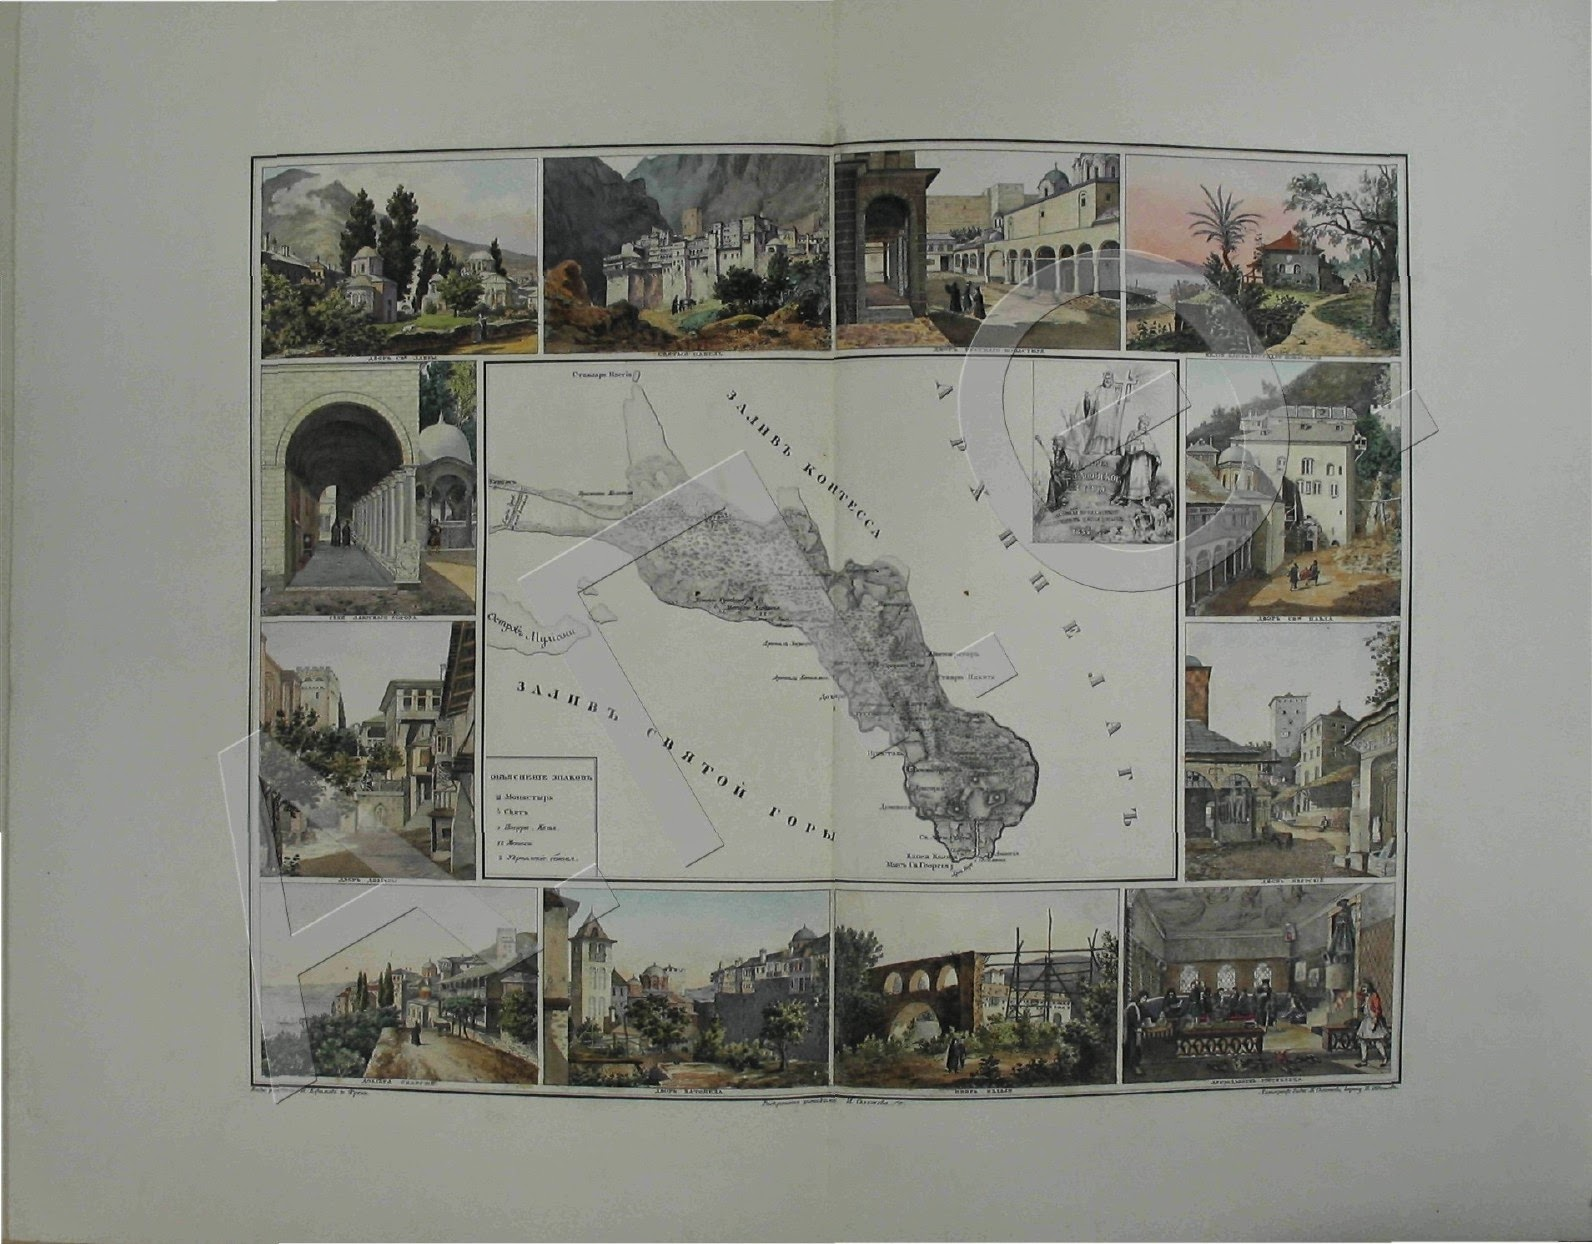 AΘΩΣ 1839-1